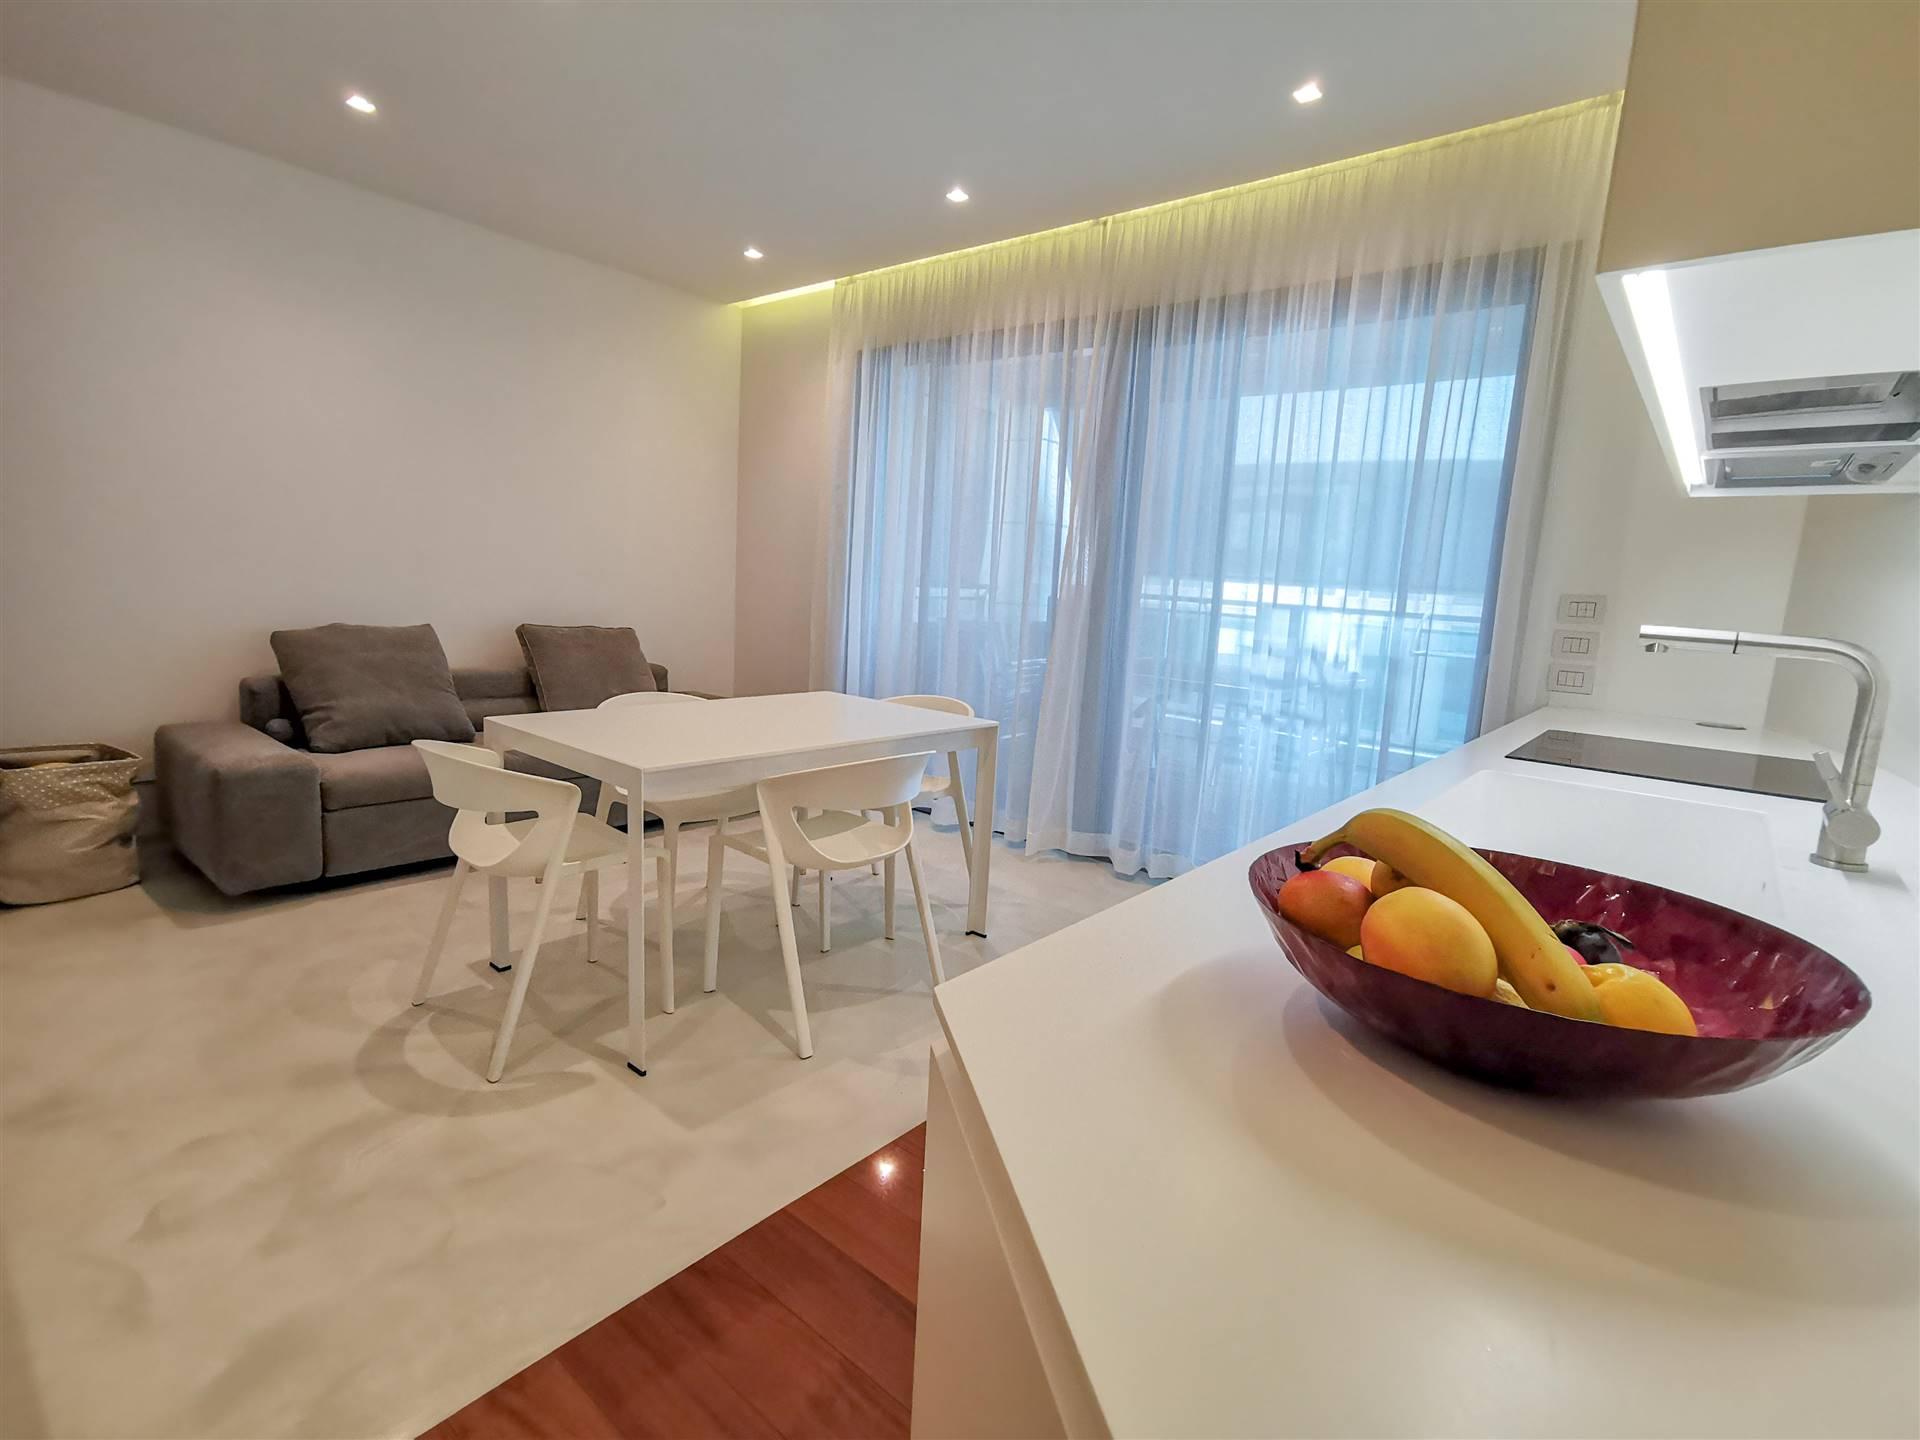 JESOLO Appartamento con due camere signorile con domotica Foto 3